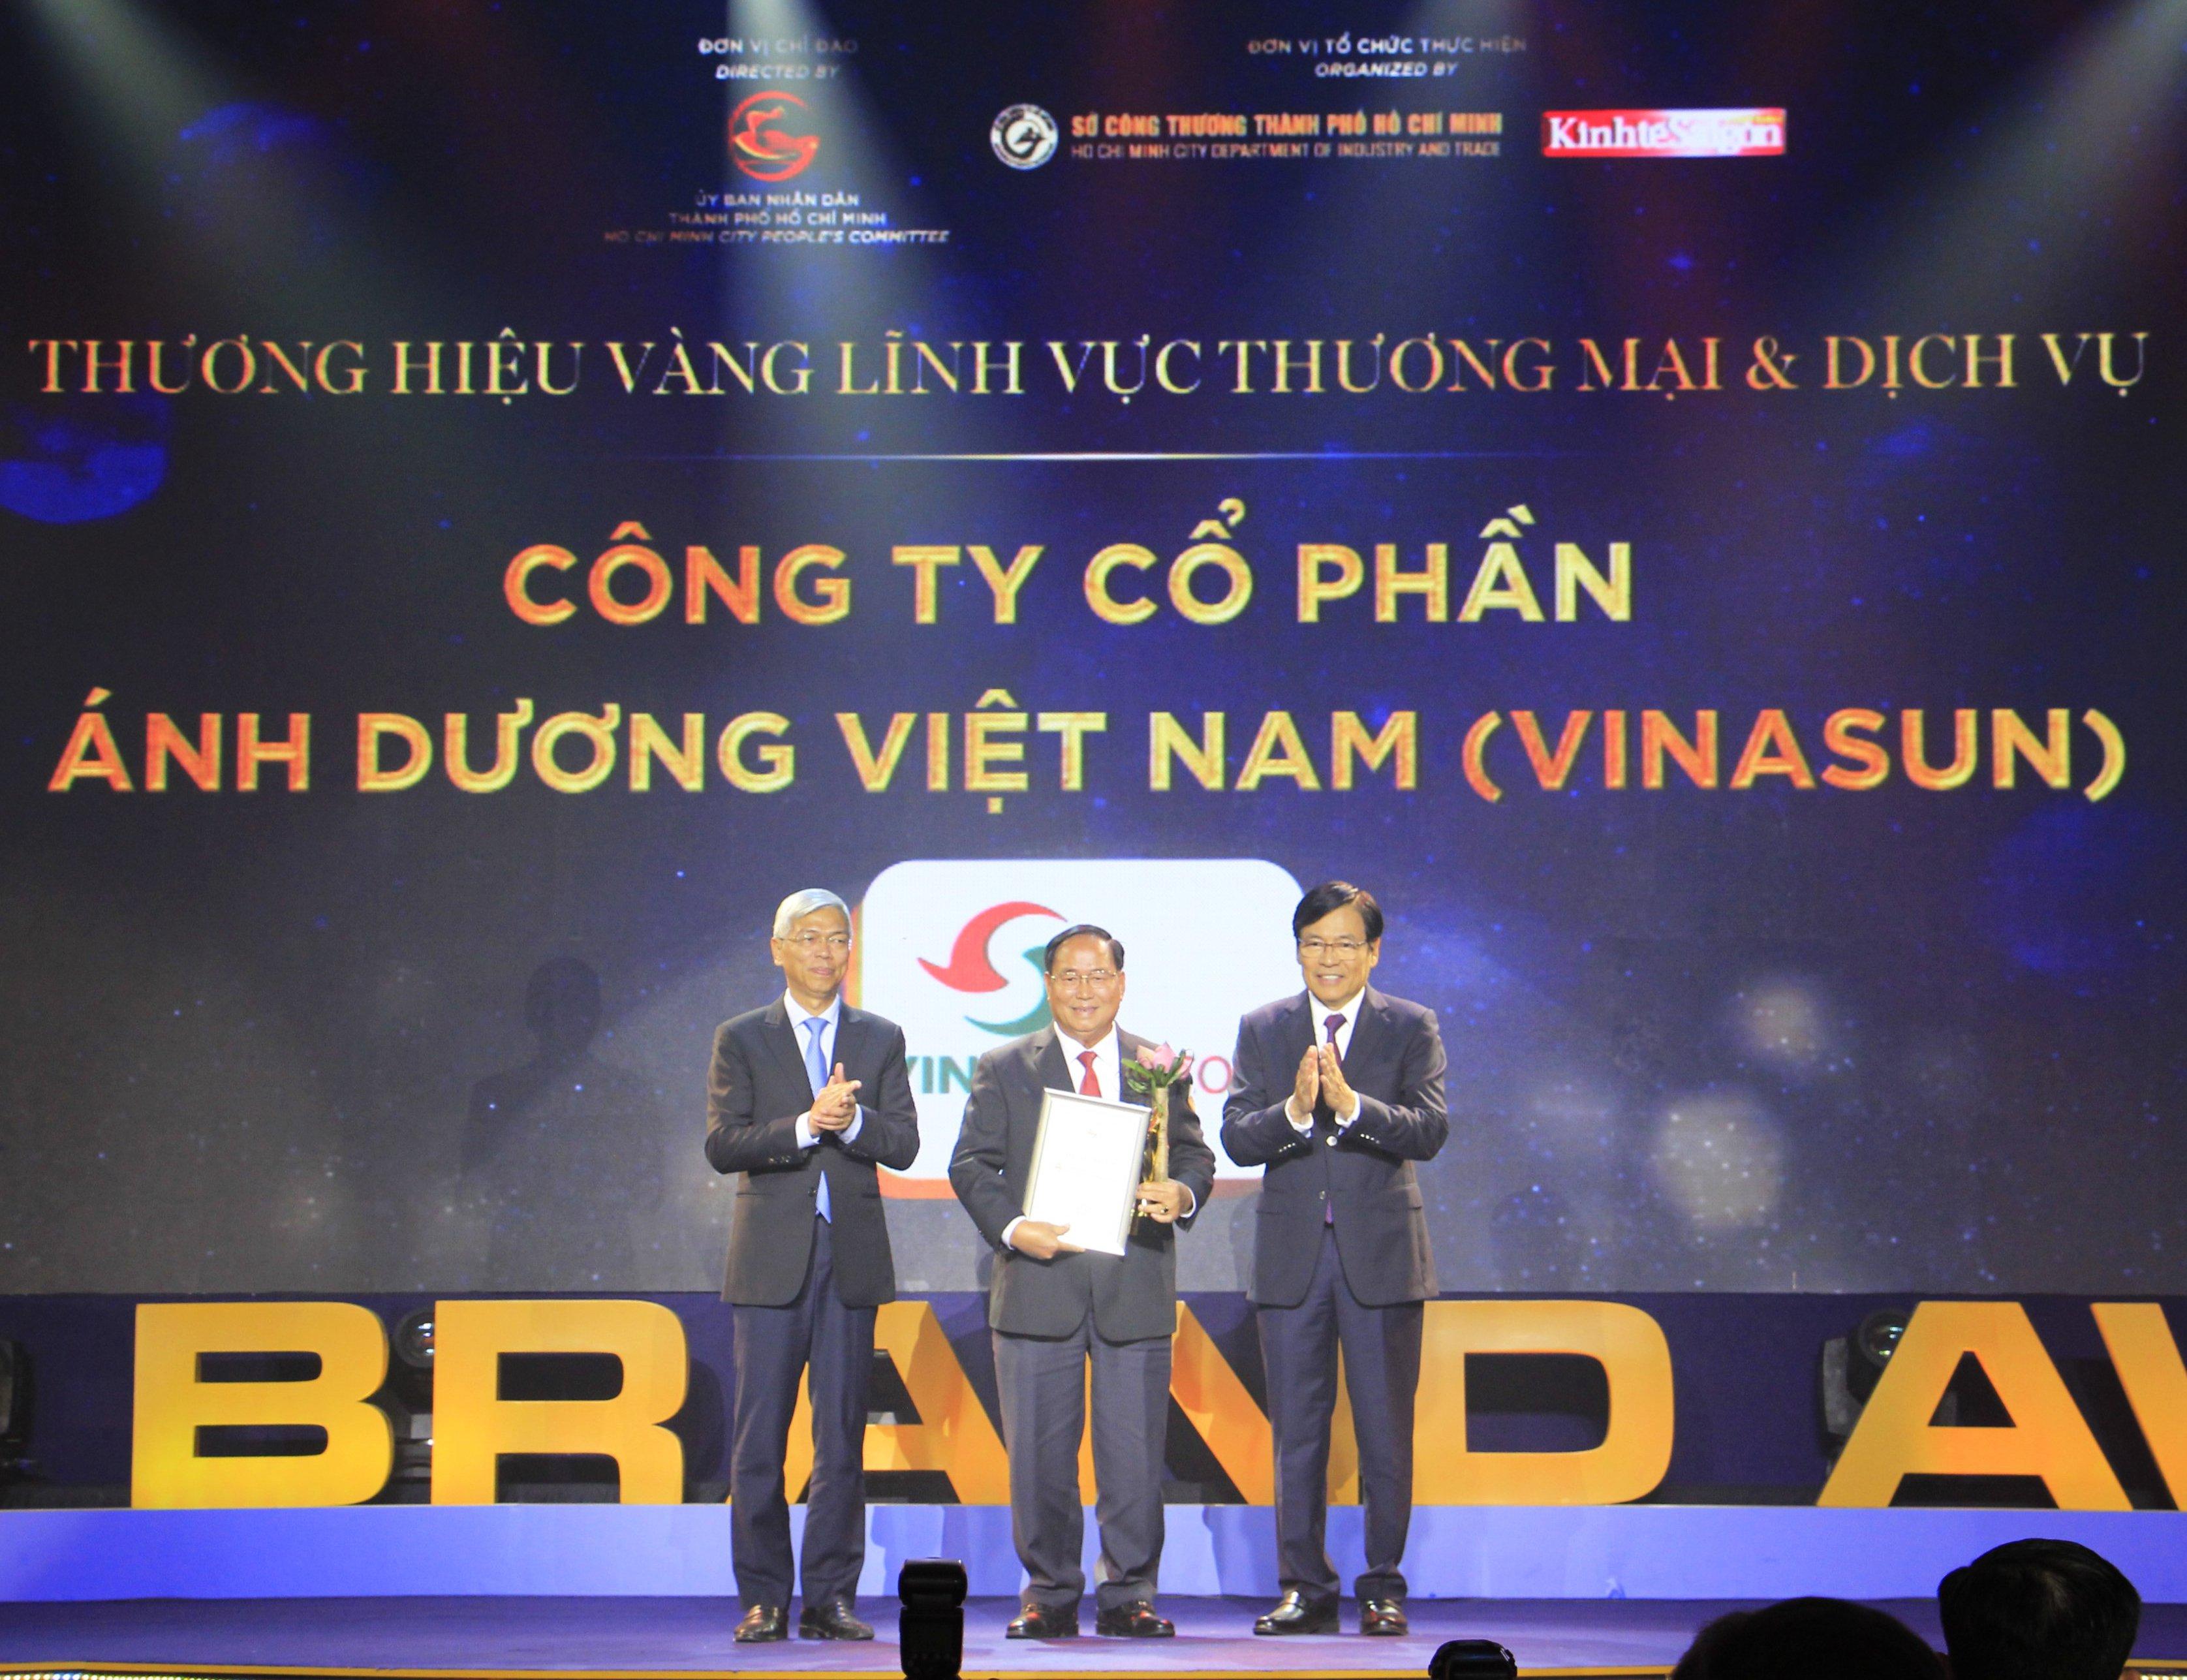 Ông Tạ Long Hỷ GĐ Taxi kiêm PTGĐ, đại diện Vinasun Taxi nhận giải thưởng Thương hiệu Vàng 2020